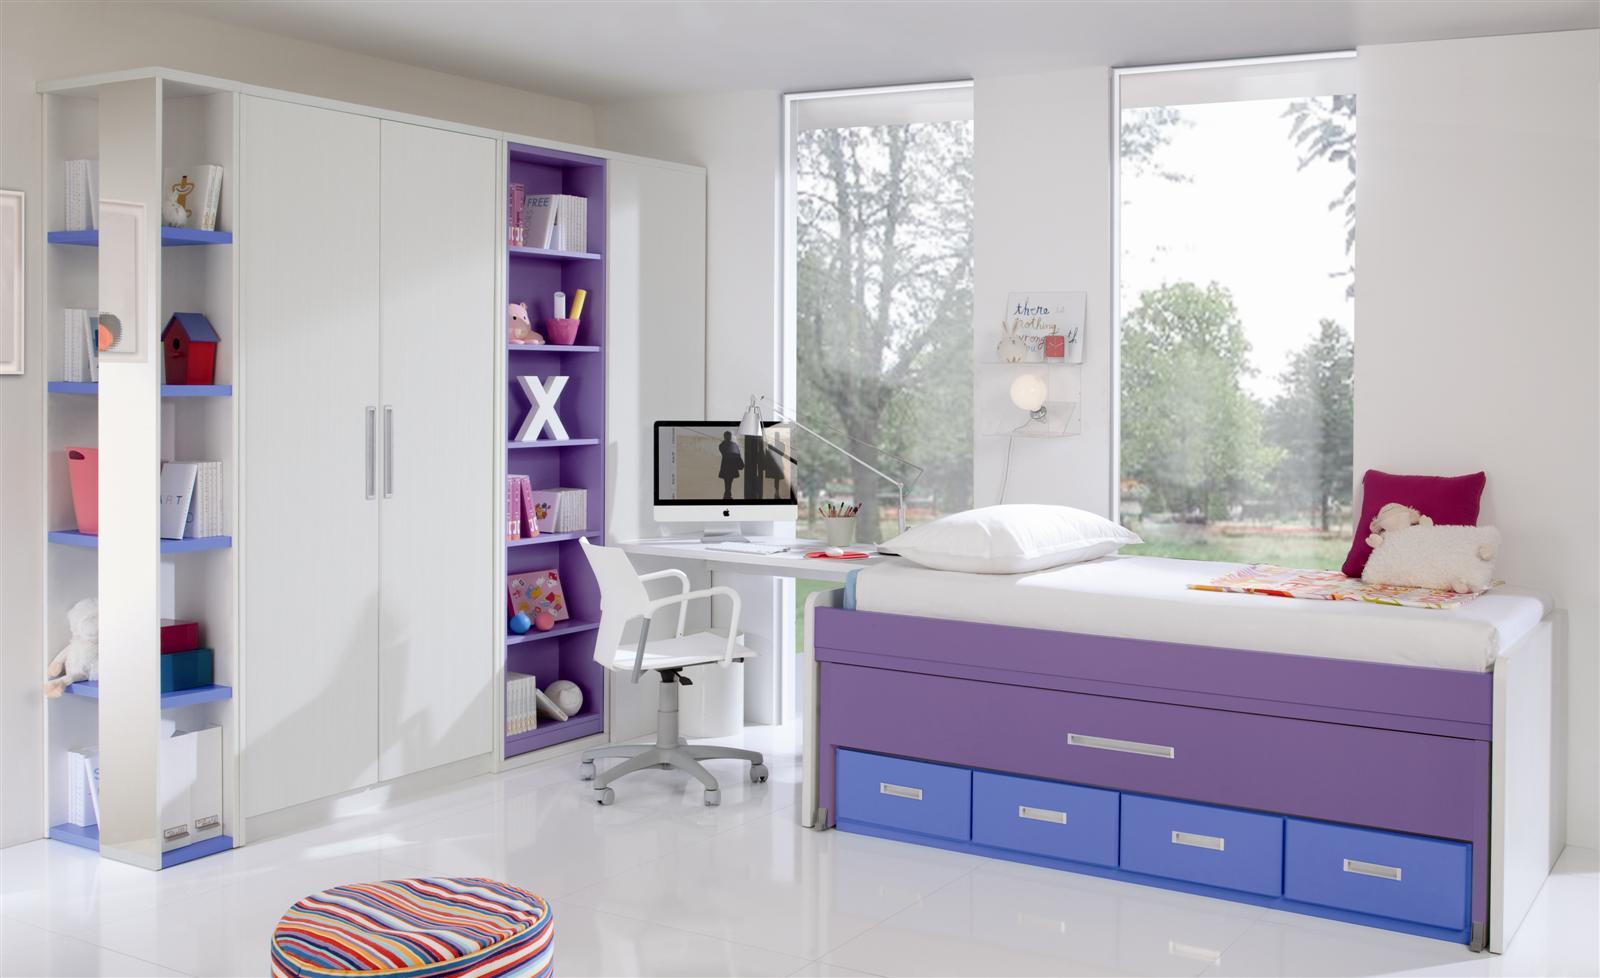 Bianchi muebles dormitorios juveniles valencia for Decoracion de dormitorios juveniles